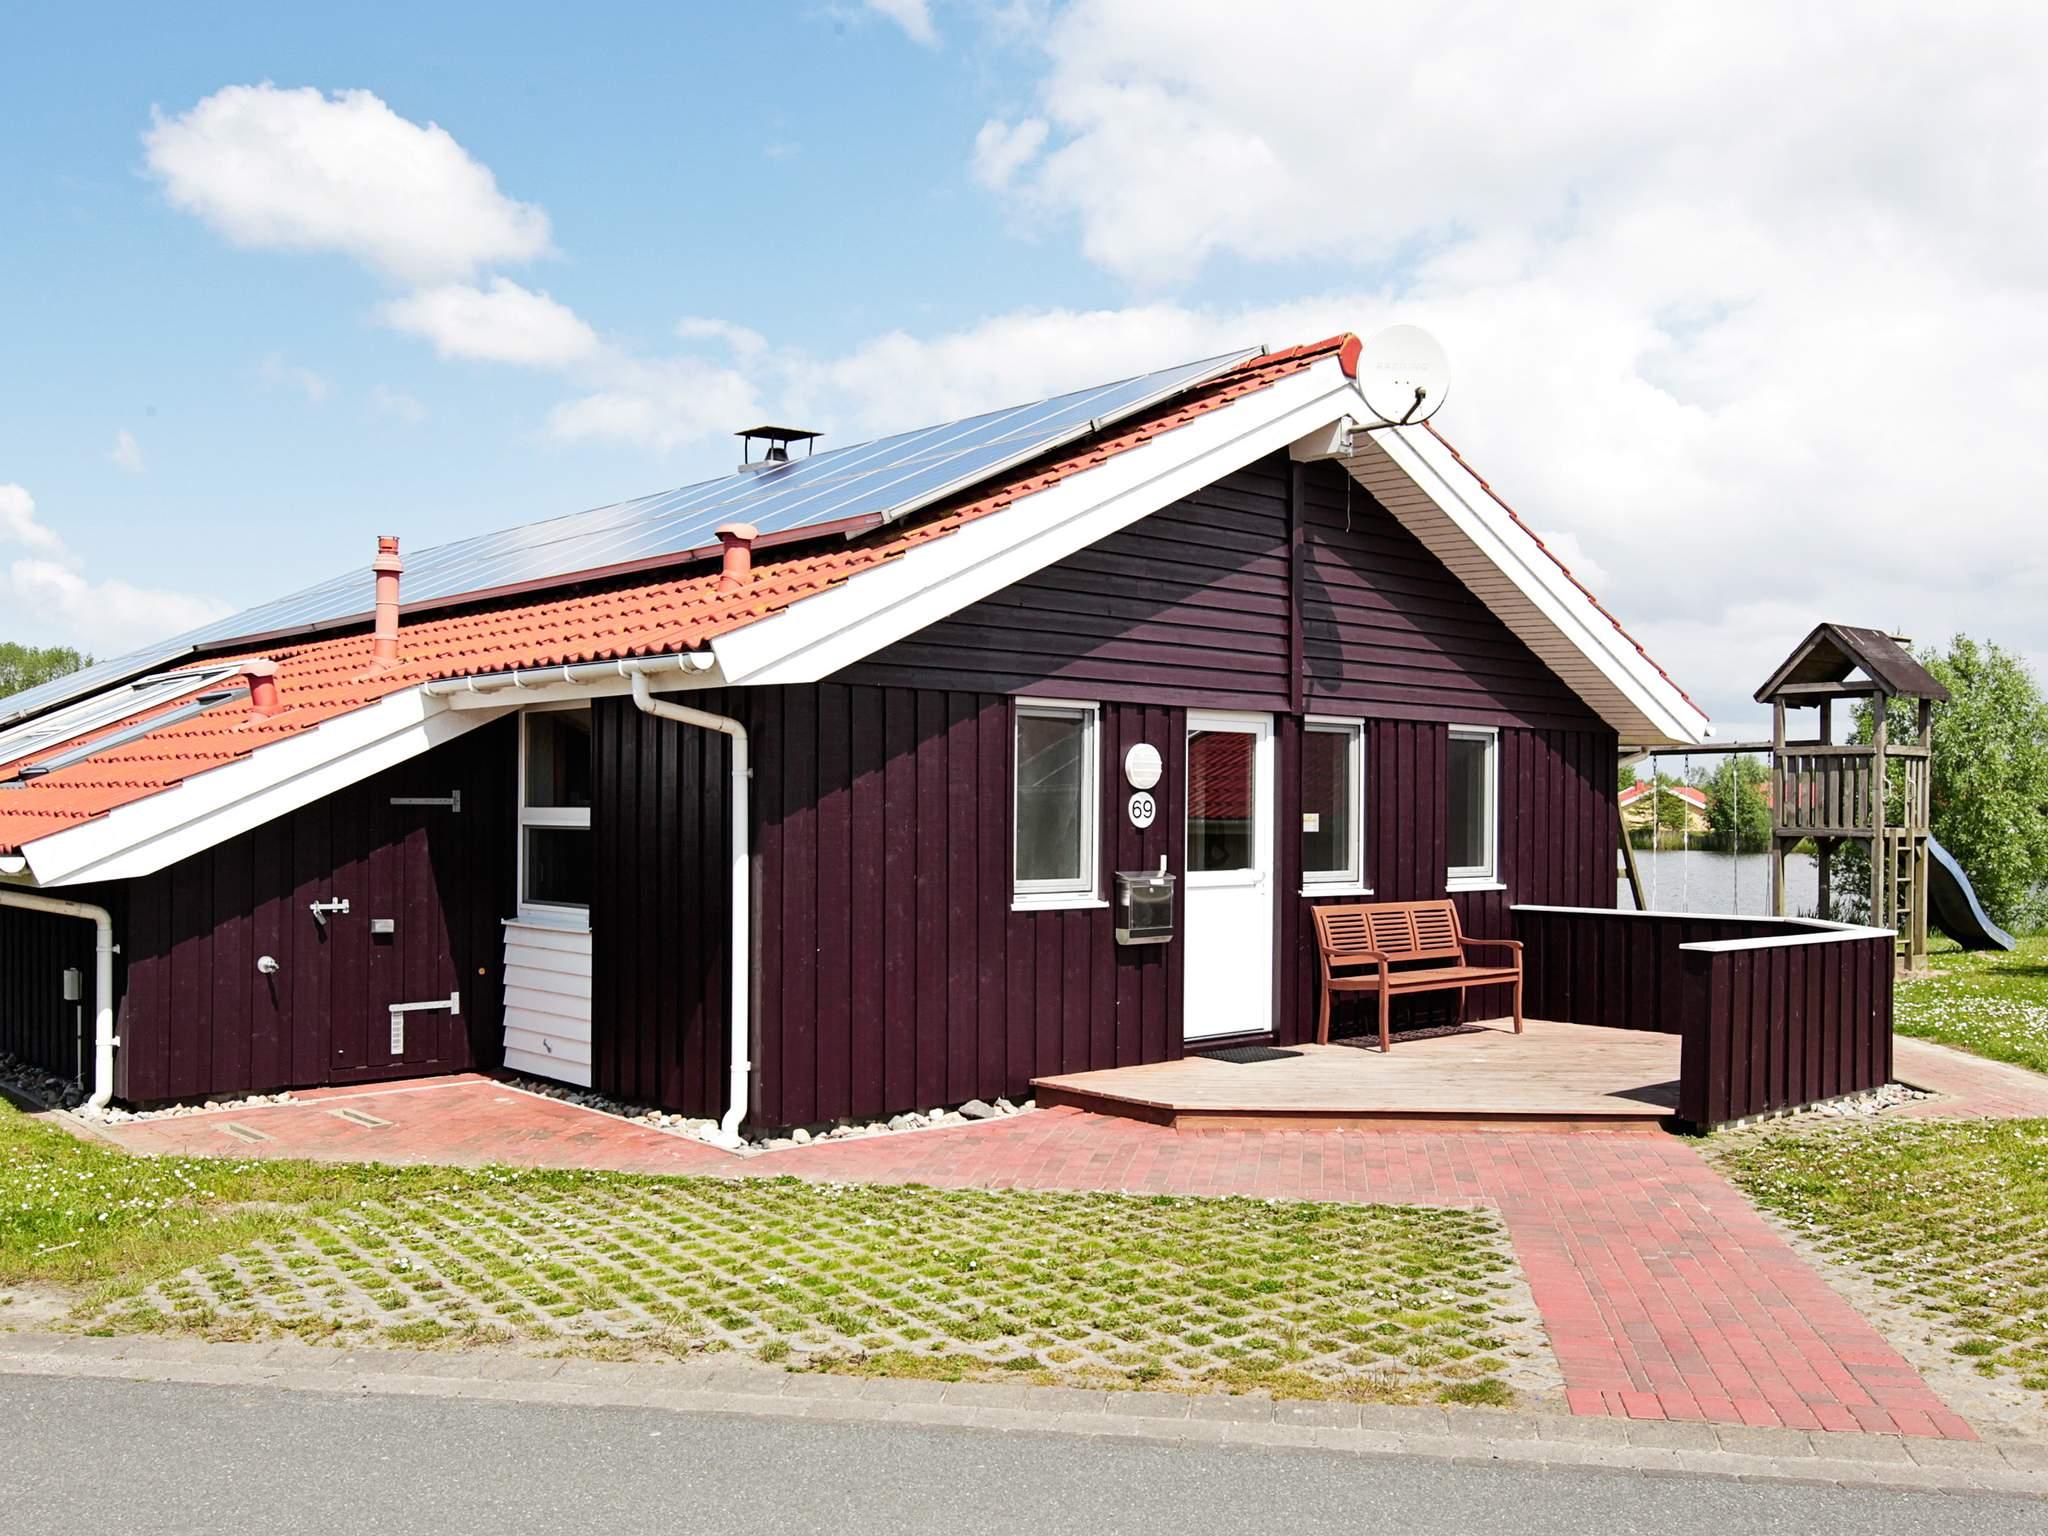 Ferienhaus Otterndorf (241655), Otterndorf, Cuxhaven, Niedersachsen, Deutschland, Bild 1